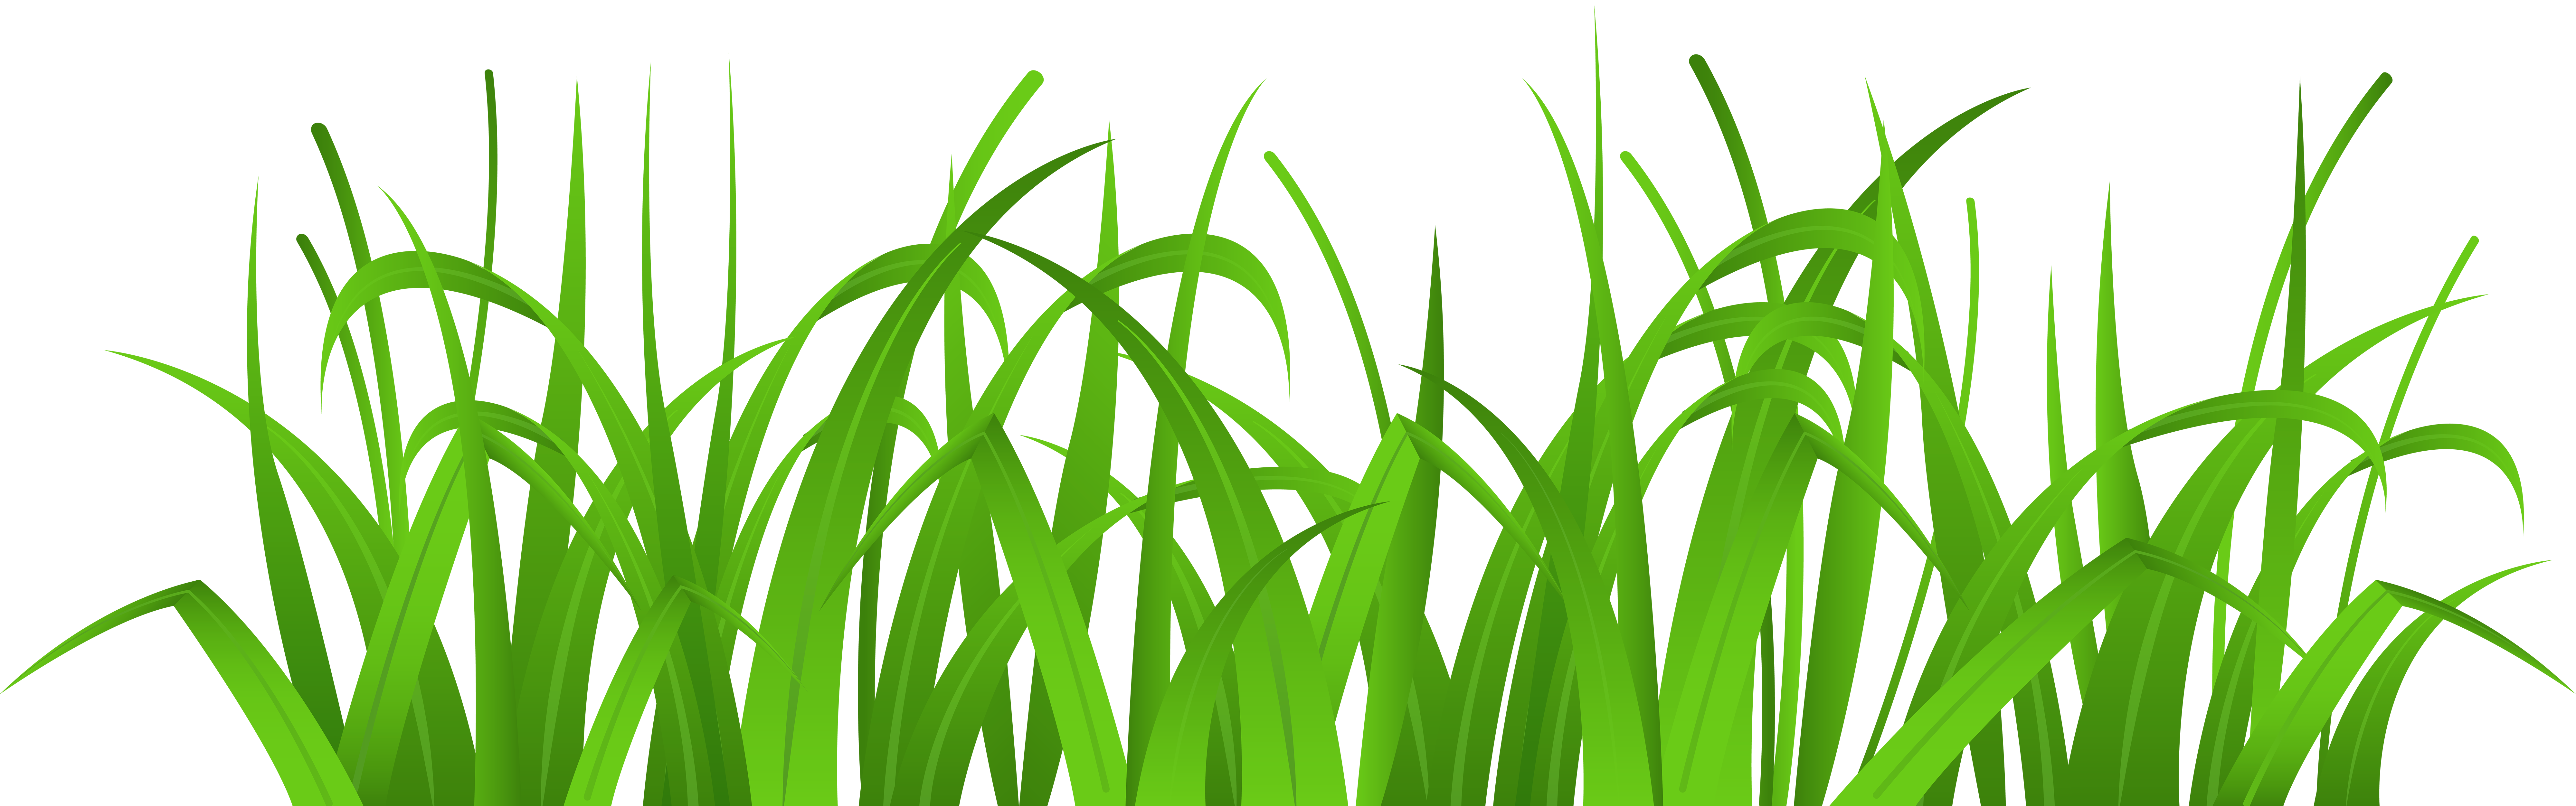 Grass Clip Art : China grass clipart clipground